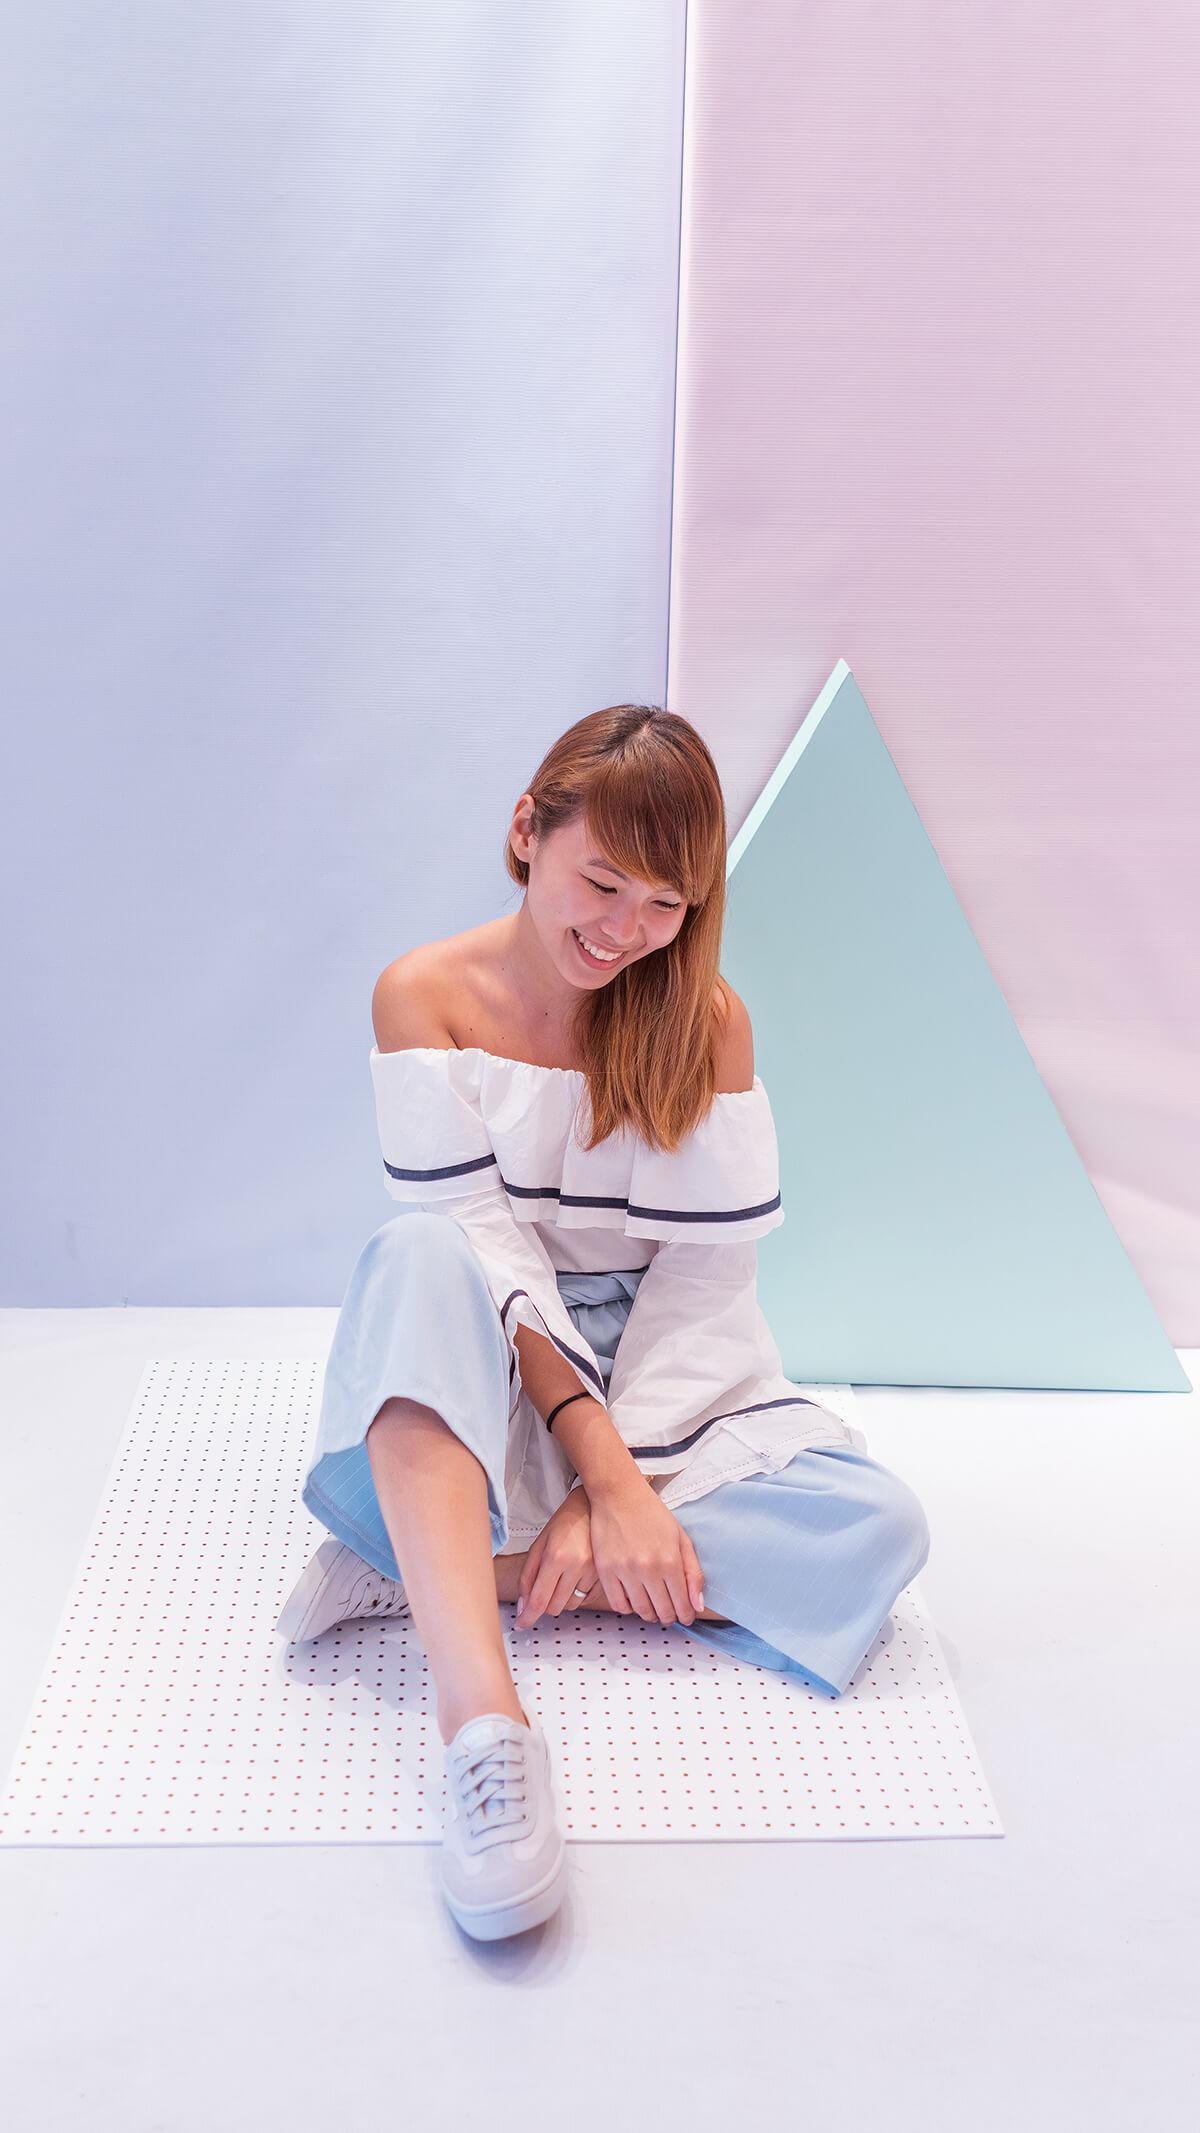 Trice Nagusara KEDS Pastel Collection